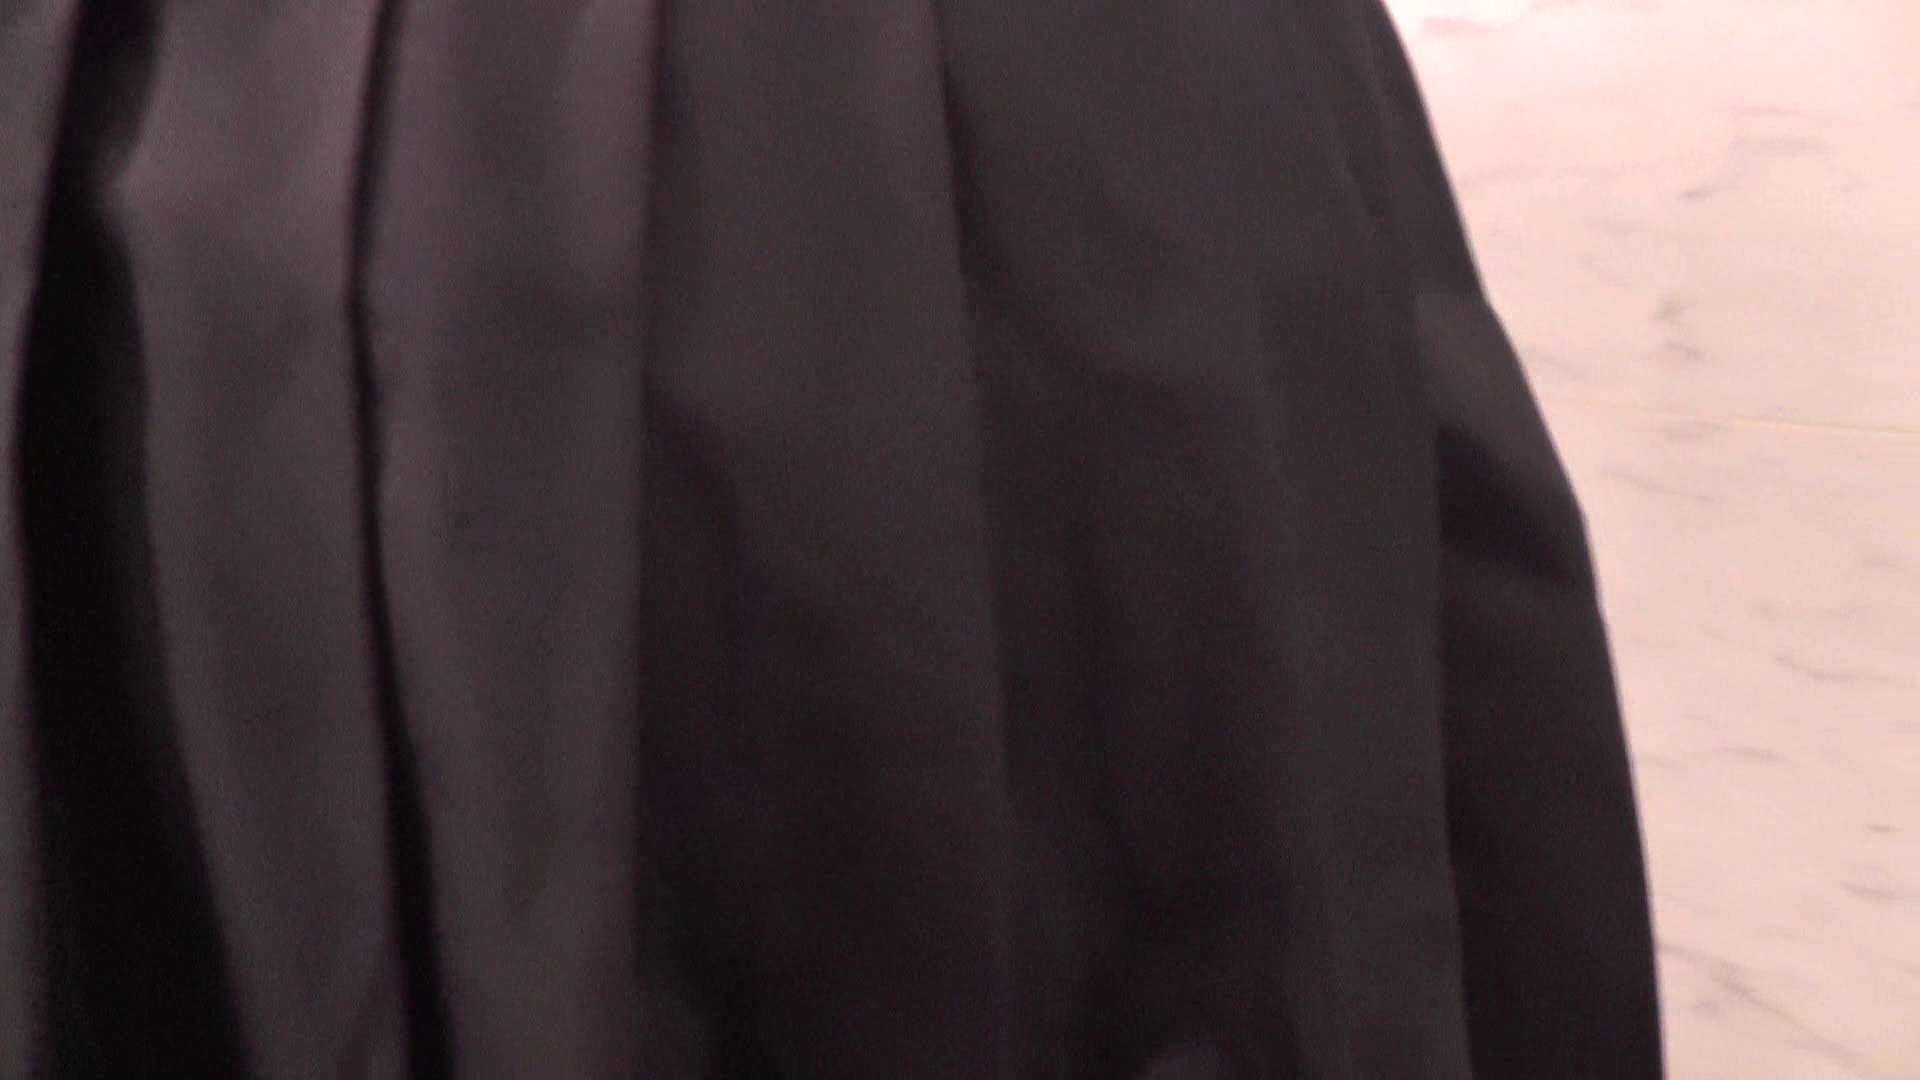 俺推し素人 Bカップ20代人妻現役ナース久美 ナース丸裸 アダルト動画キャプチャ 93pic 54